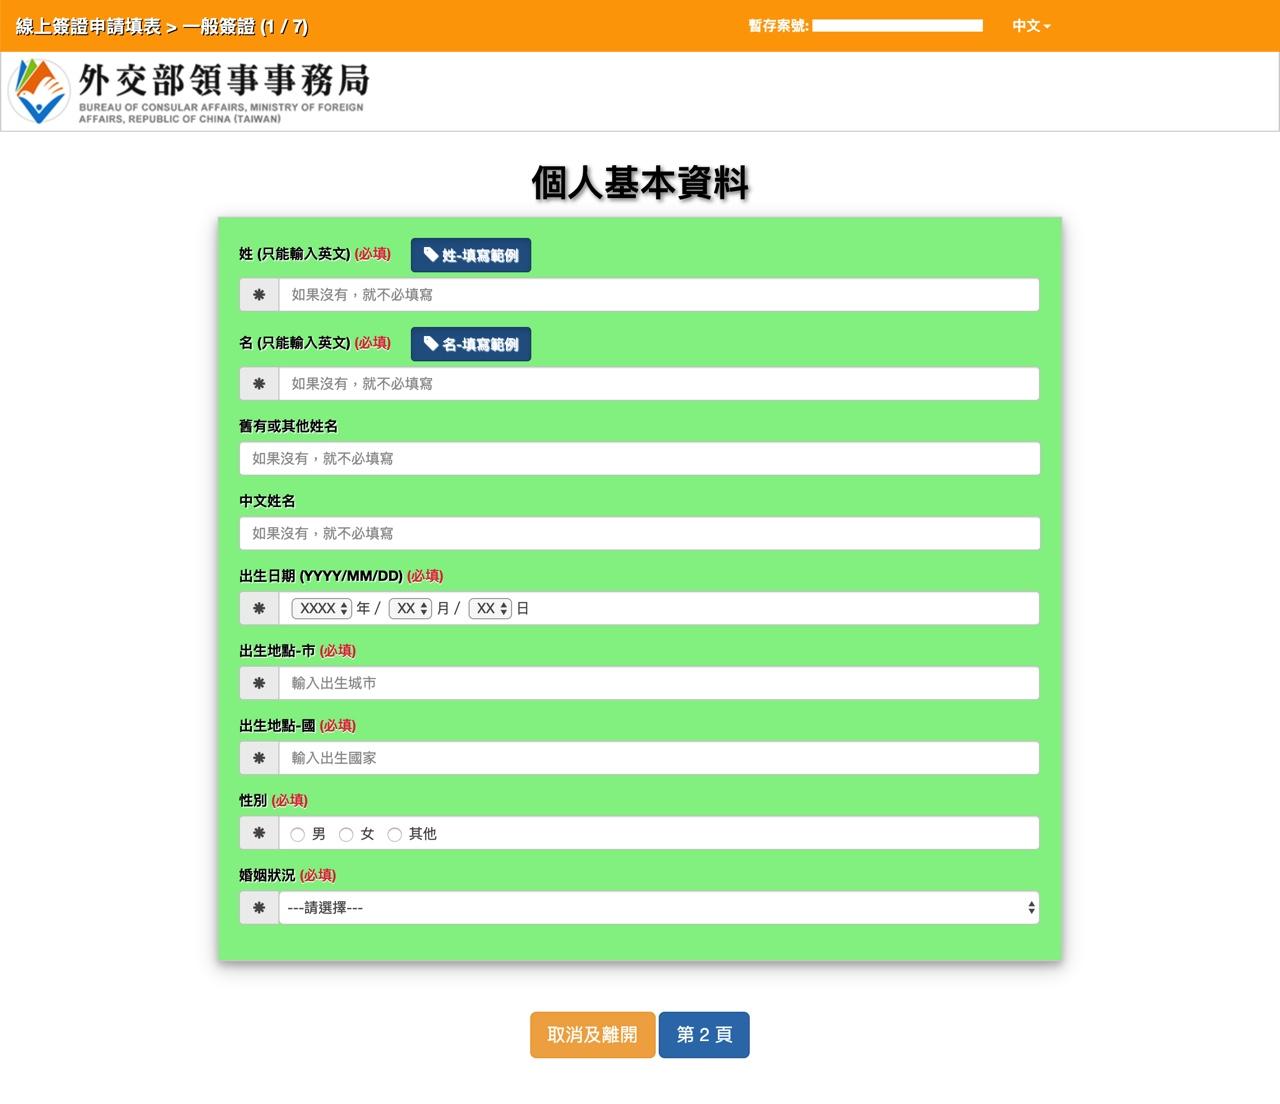 オンラインビザ申請フォーム04